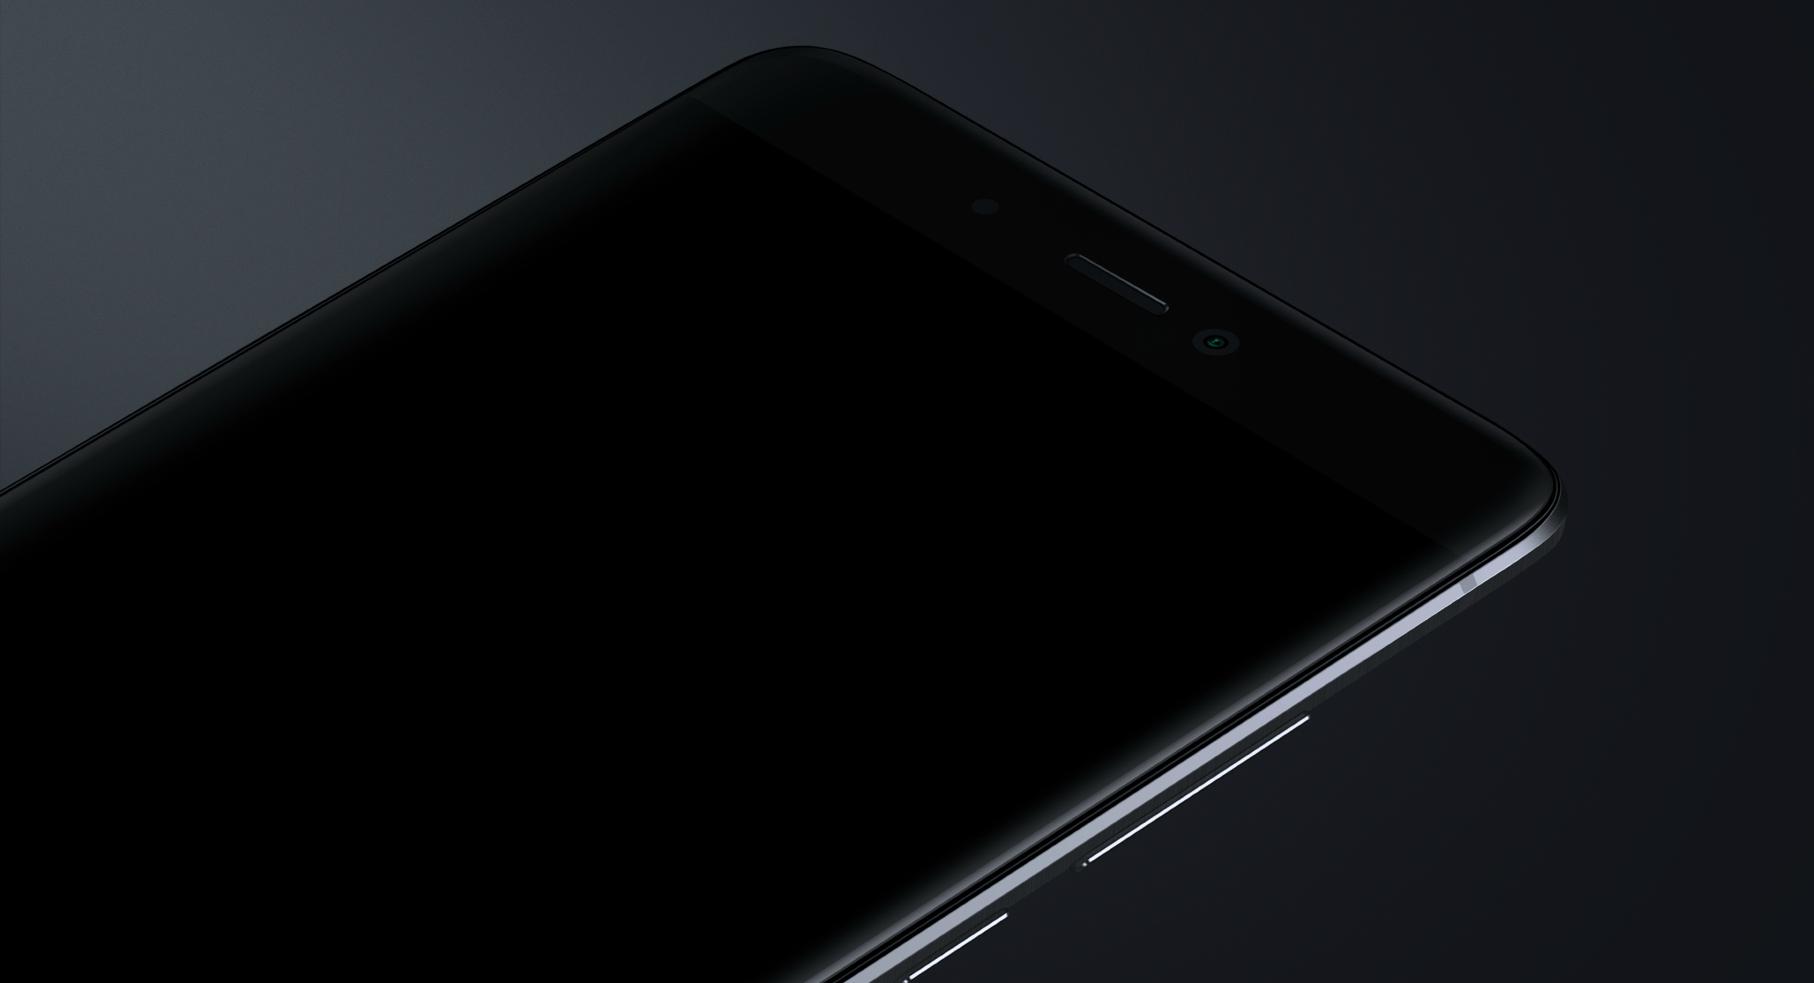 Pour le futur Mi 6, Xiaomi recrute 1,3 milliard de designers